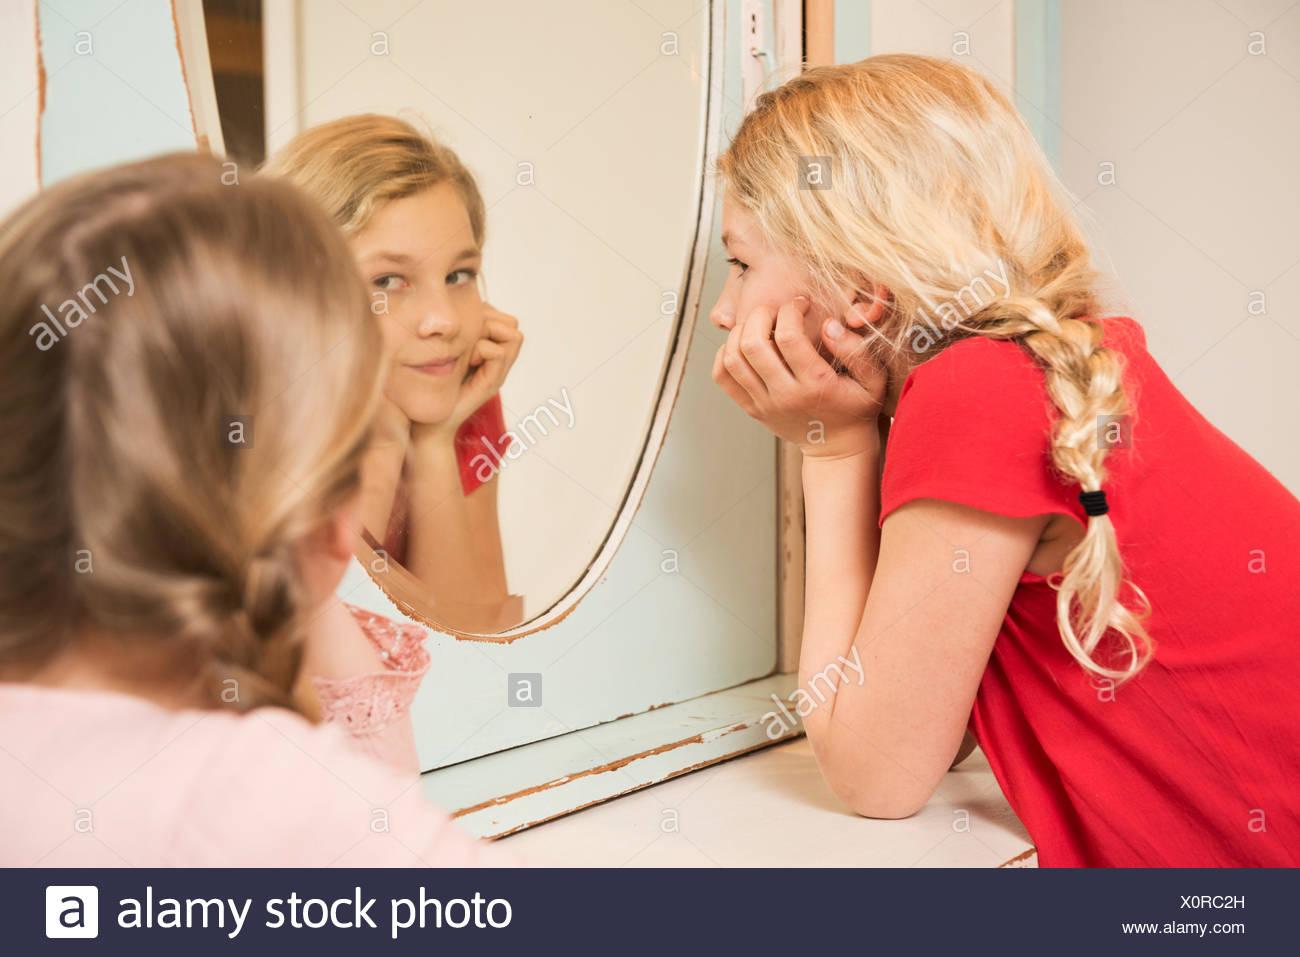 Mädchen starrte Schwester im Schlafzimmer Spiegel Stockbild